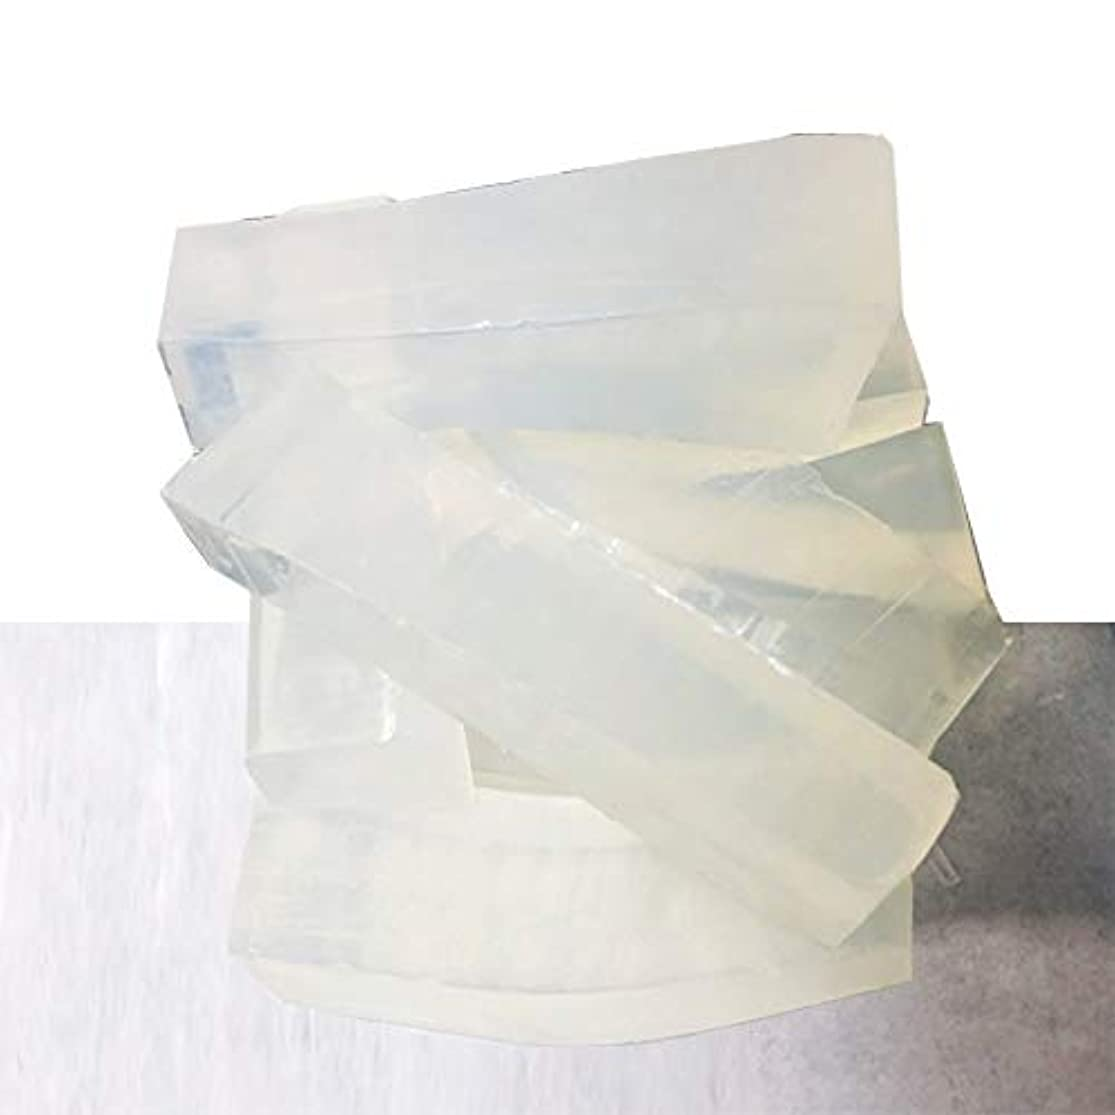 シプリーどっち罹患率グリセリンソープ(MPソープ)2kg(2,000g)クリア